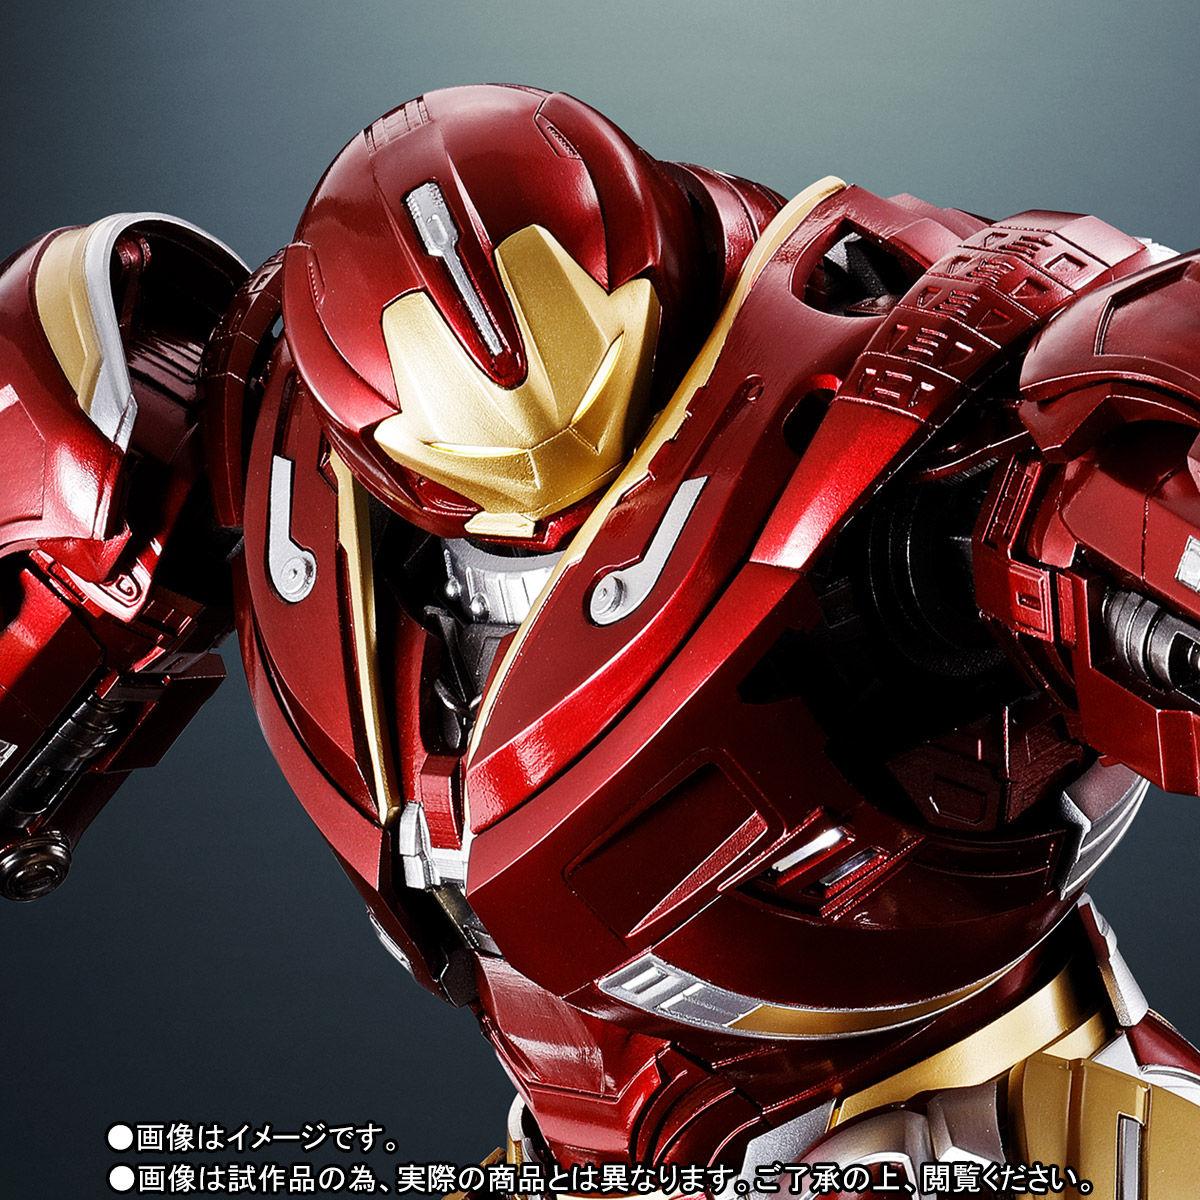 超合金×S.H.Figuarts『ハルクバスター マーク2 アベンジャーズ/インフィニティ・ウォー』可動フィギュア